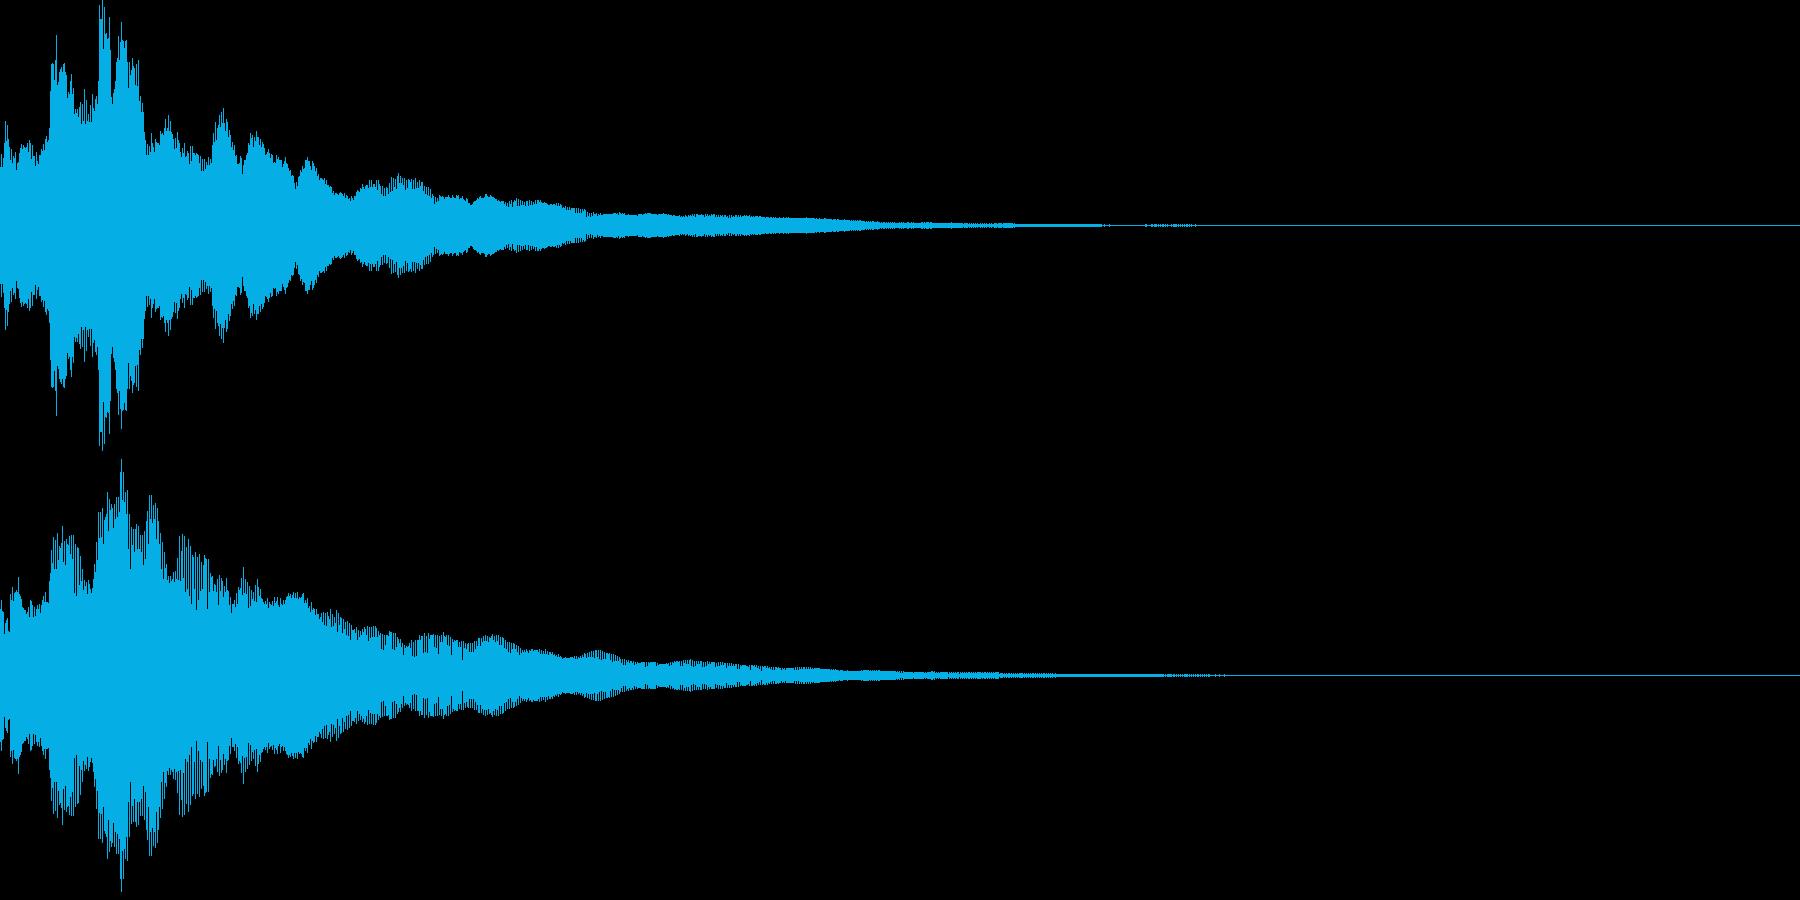 アプリ・ゲーム効果音、通知01の再生済みの波形